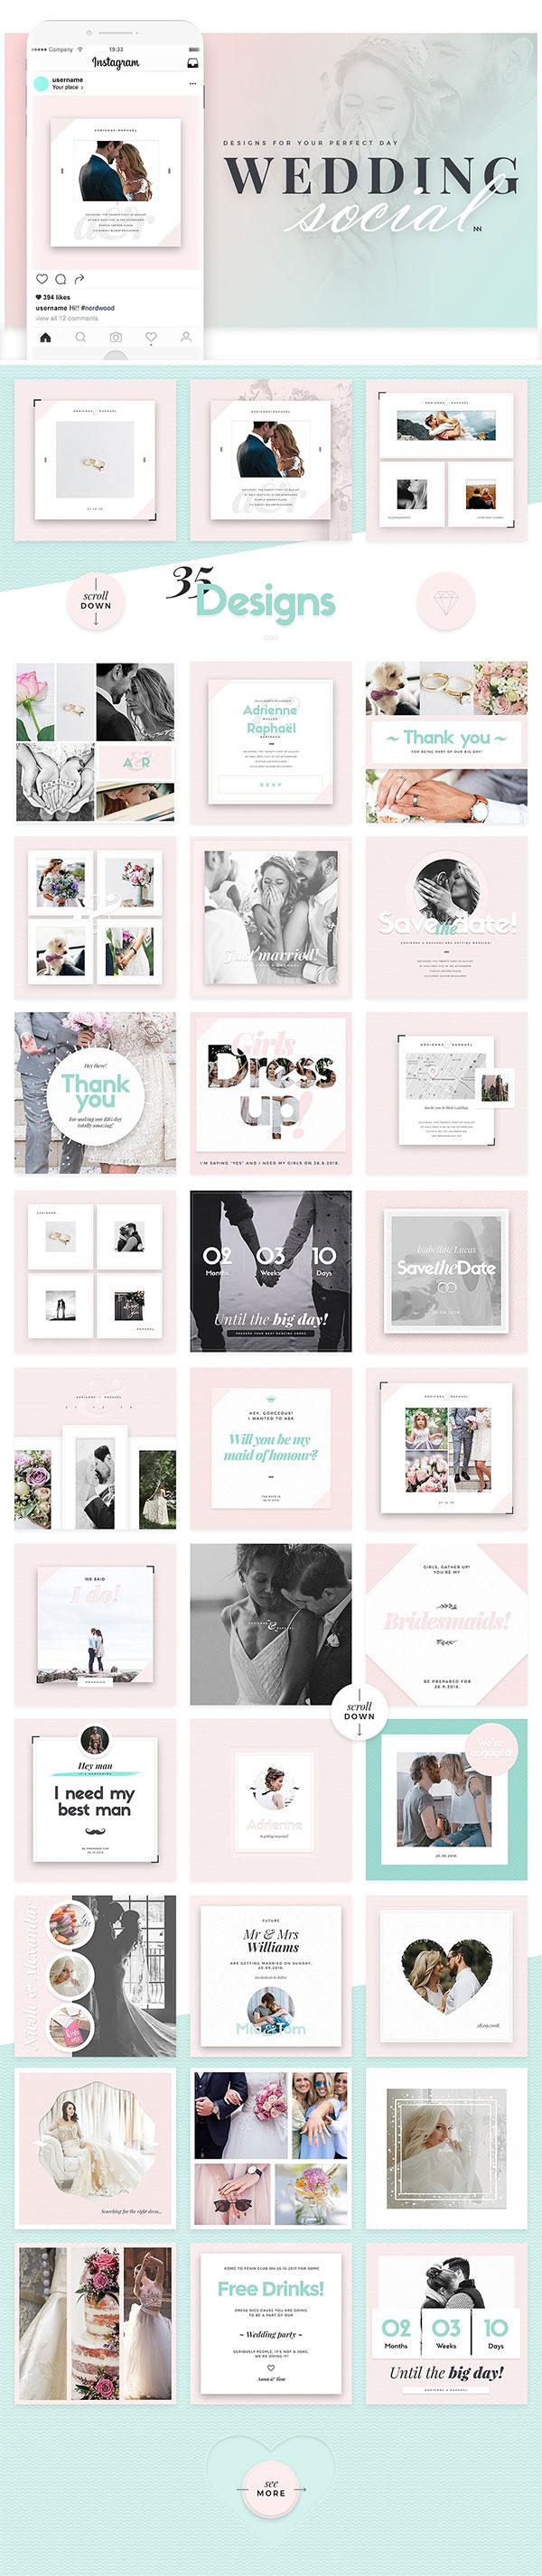 网页婚礼相册模板